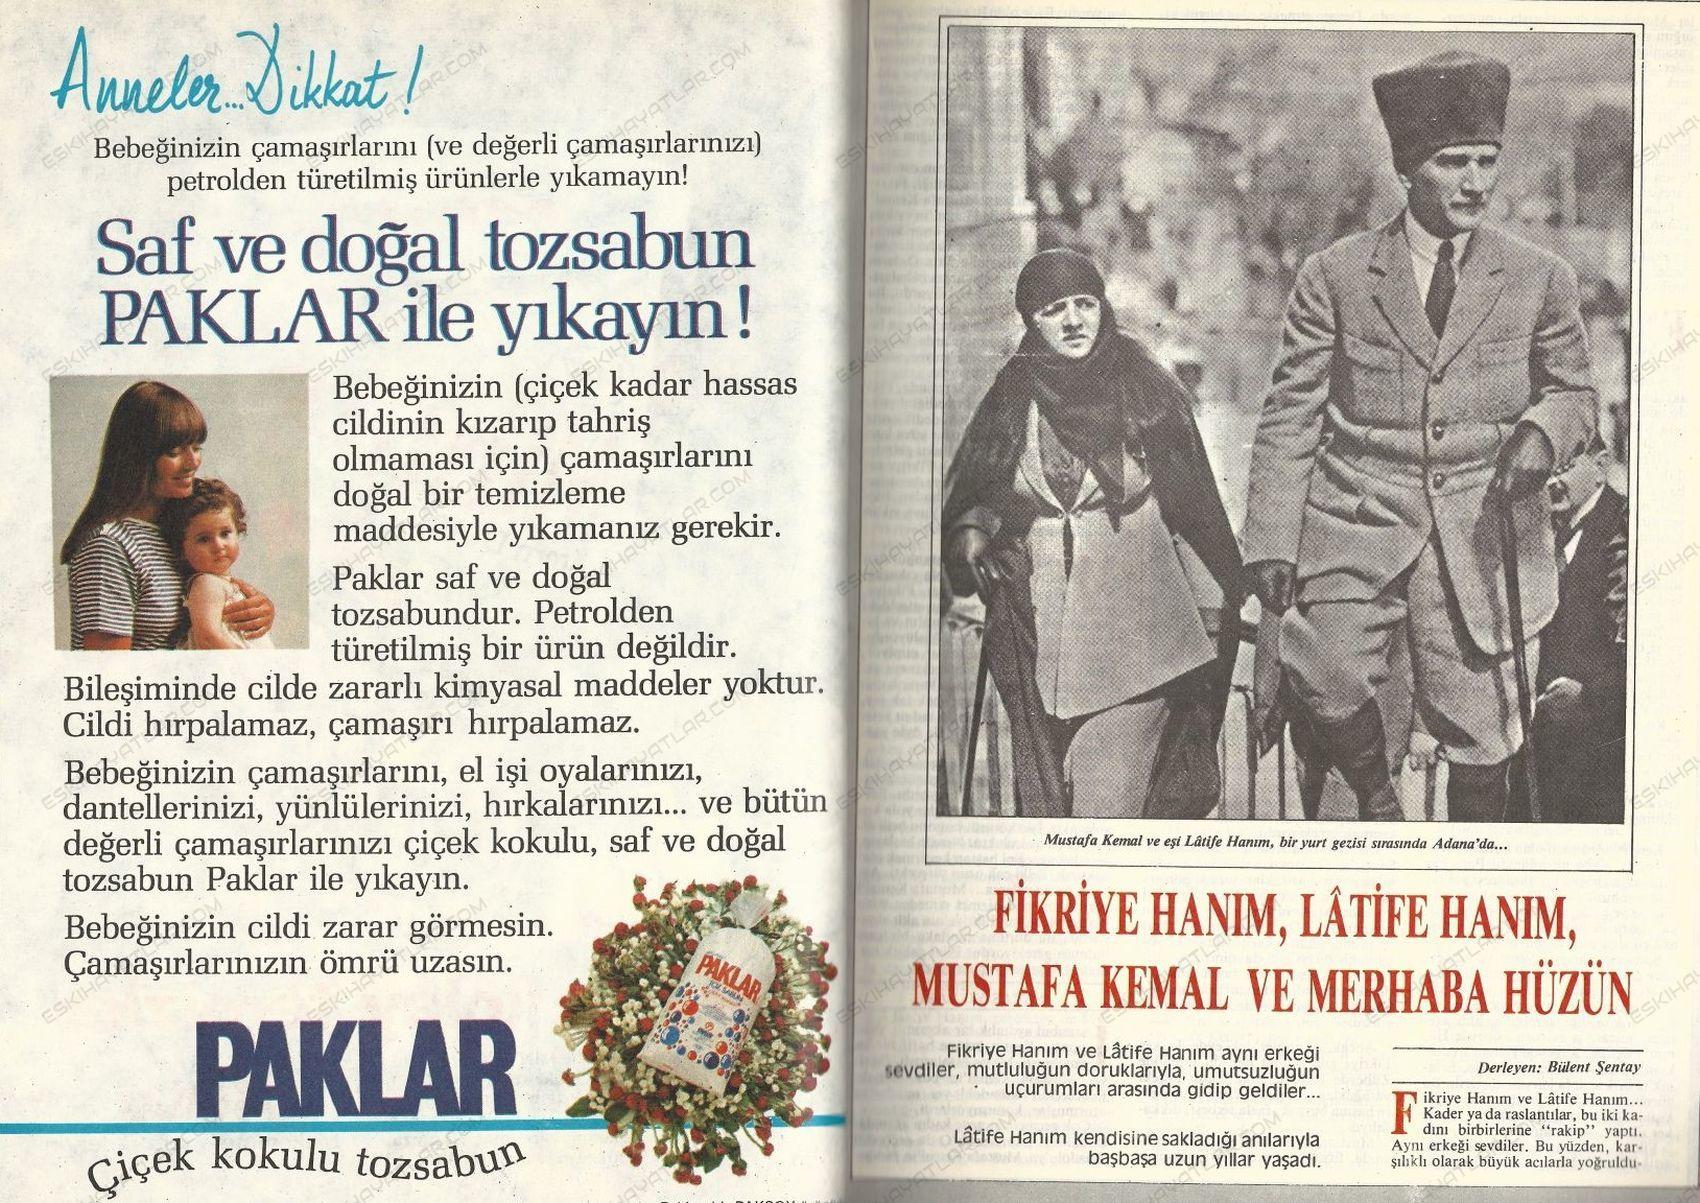 0380-fikriye-hanim-latife-hanim-ve-mustafa-kemal-ataturk-1983-kadinca-dergisi (2)